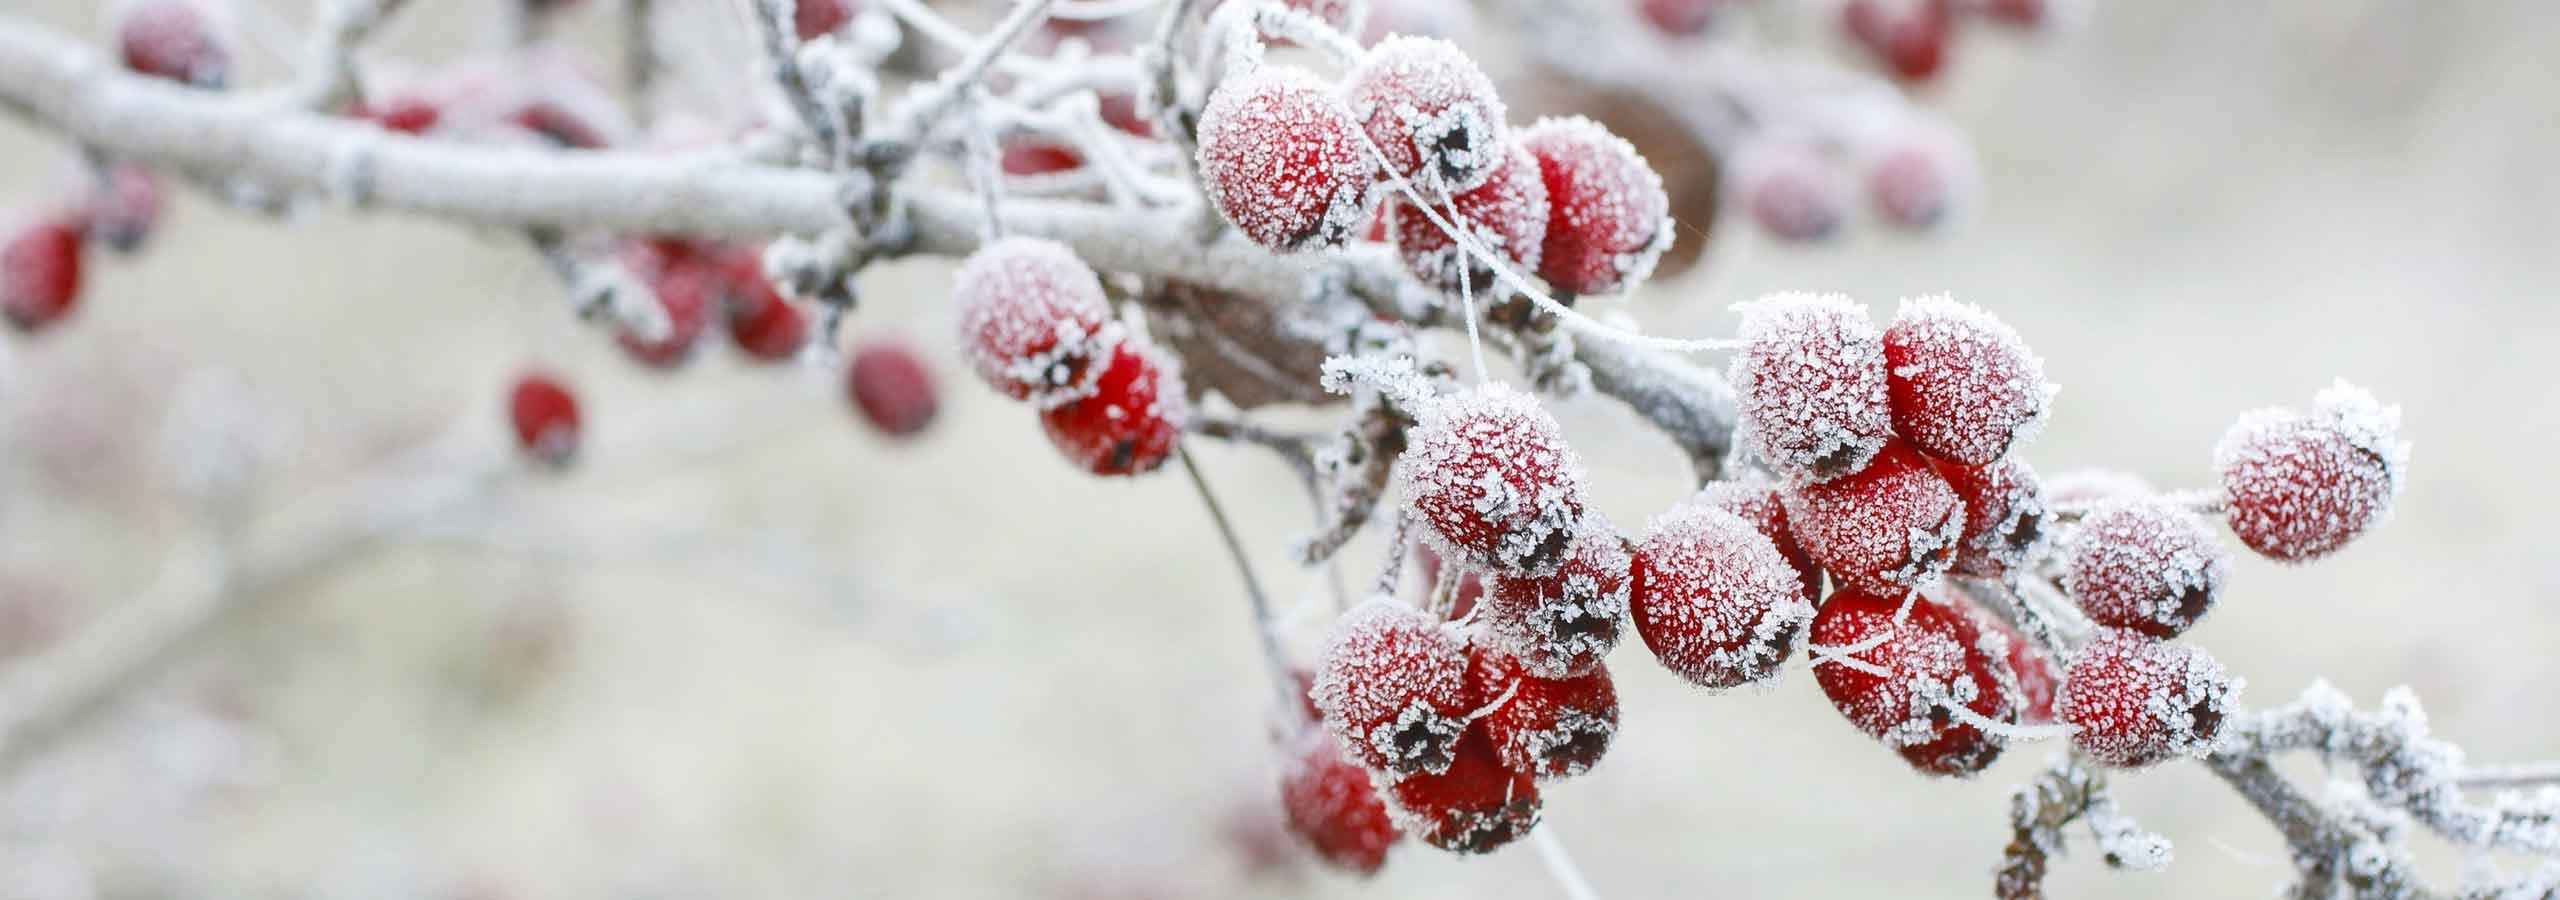 Sliderbild Winter  Arztpraxis Rösler Lachmann